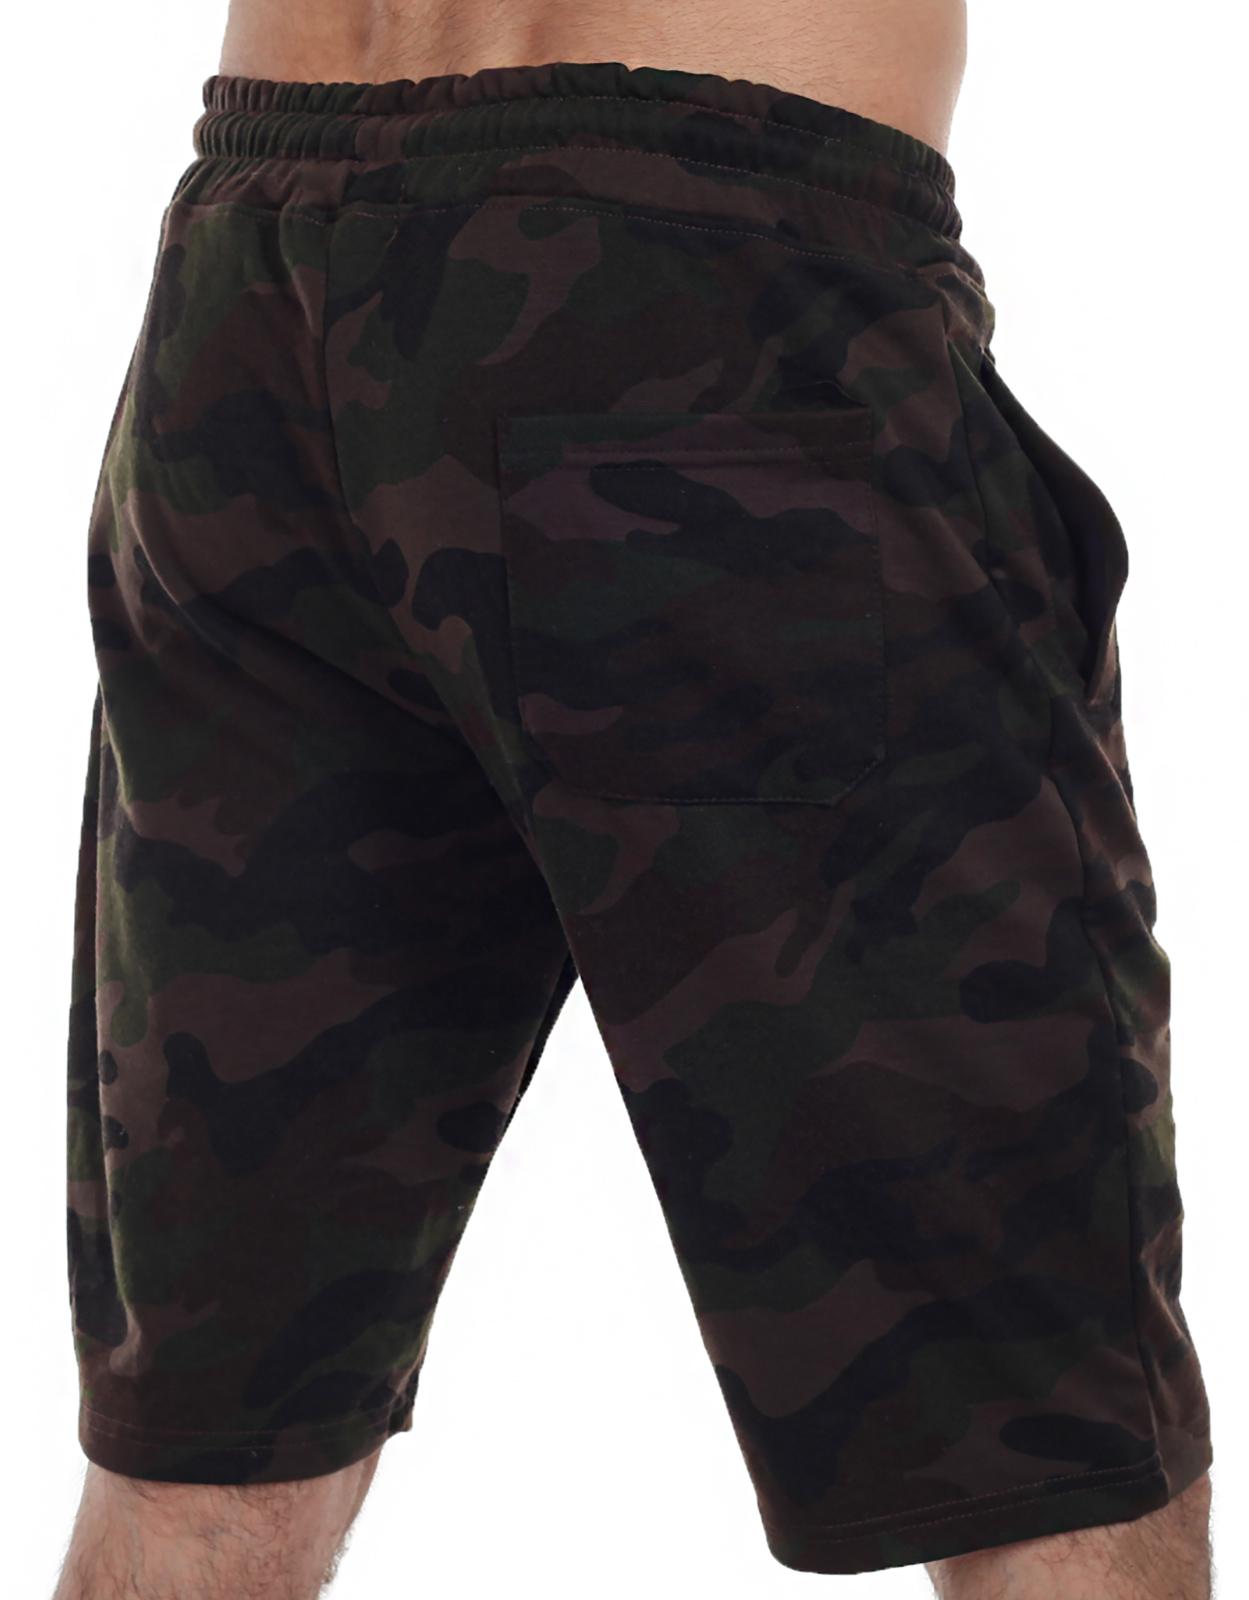 Удобные и функциональные спецназовские шорты